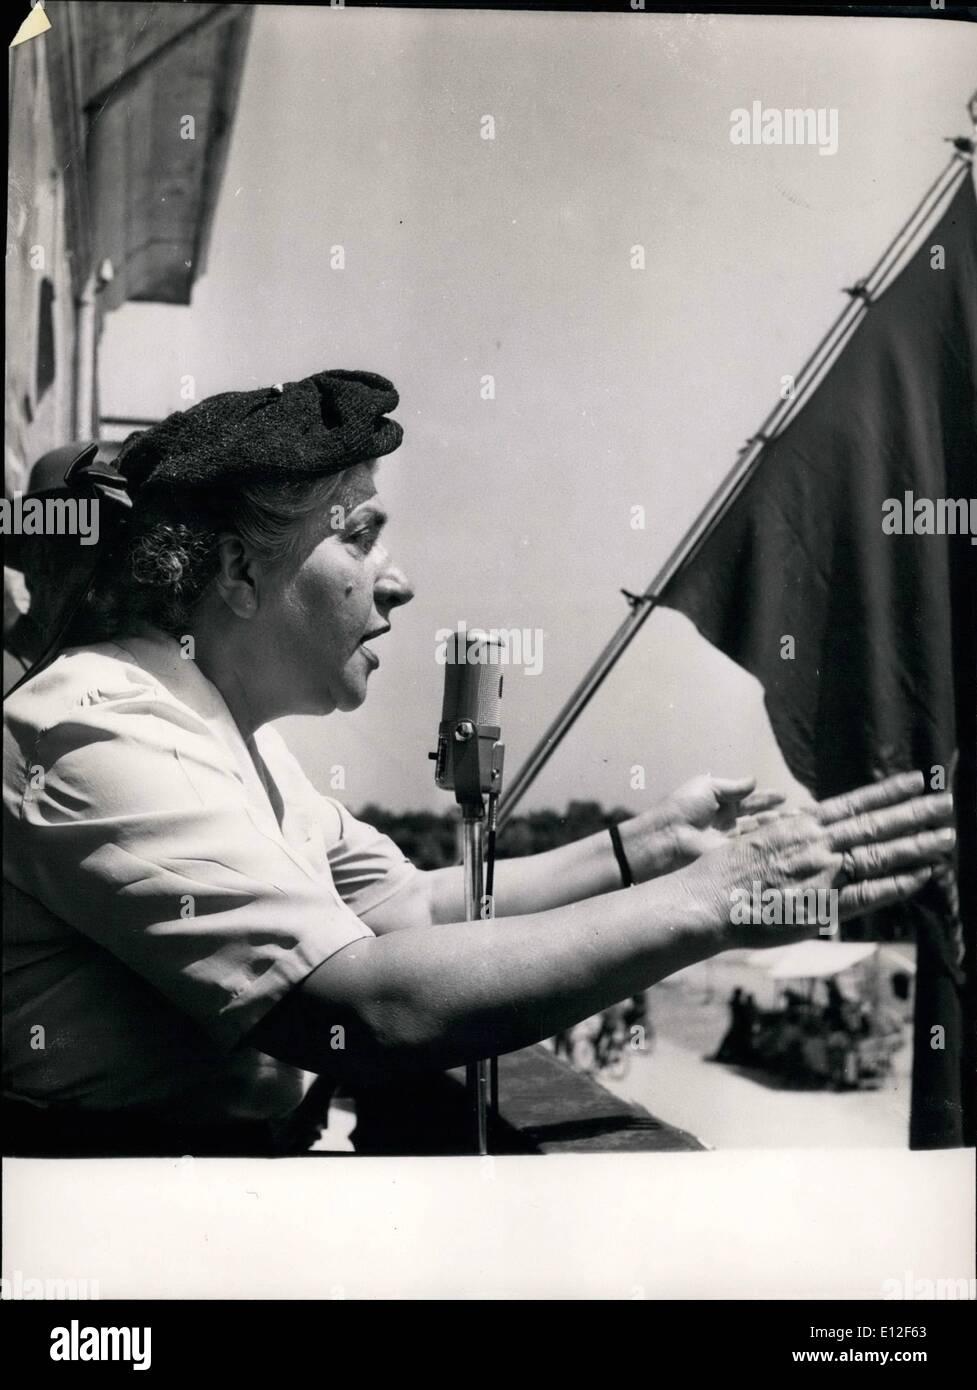 Dec. 21, 2011 - Senatuci Elsa Merlin PSI- Nuim Socialist in Caruaru. Stock Photo